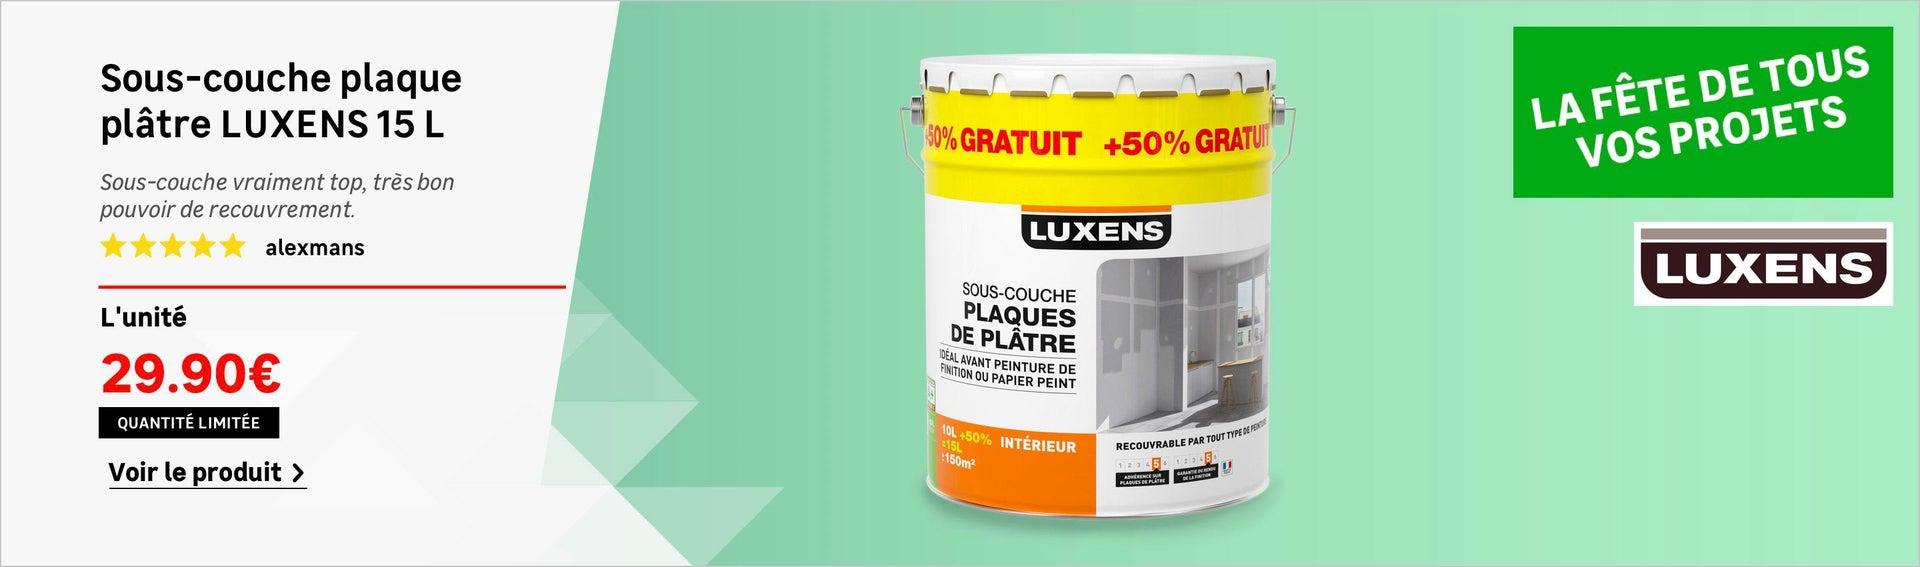 Sous-couche plaque de plâtre LUXENS